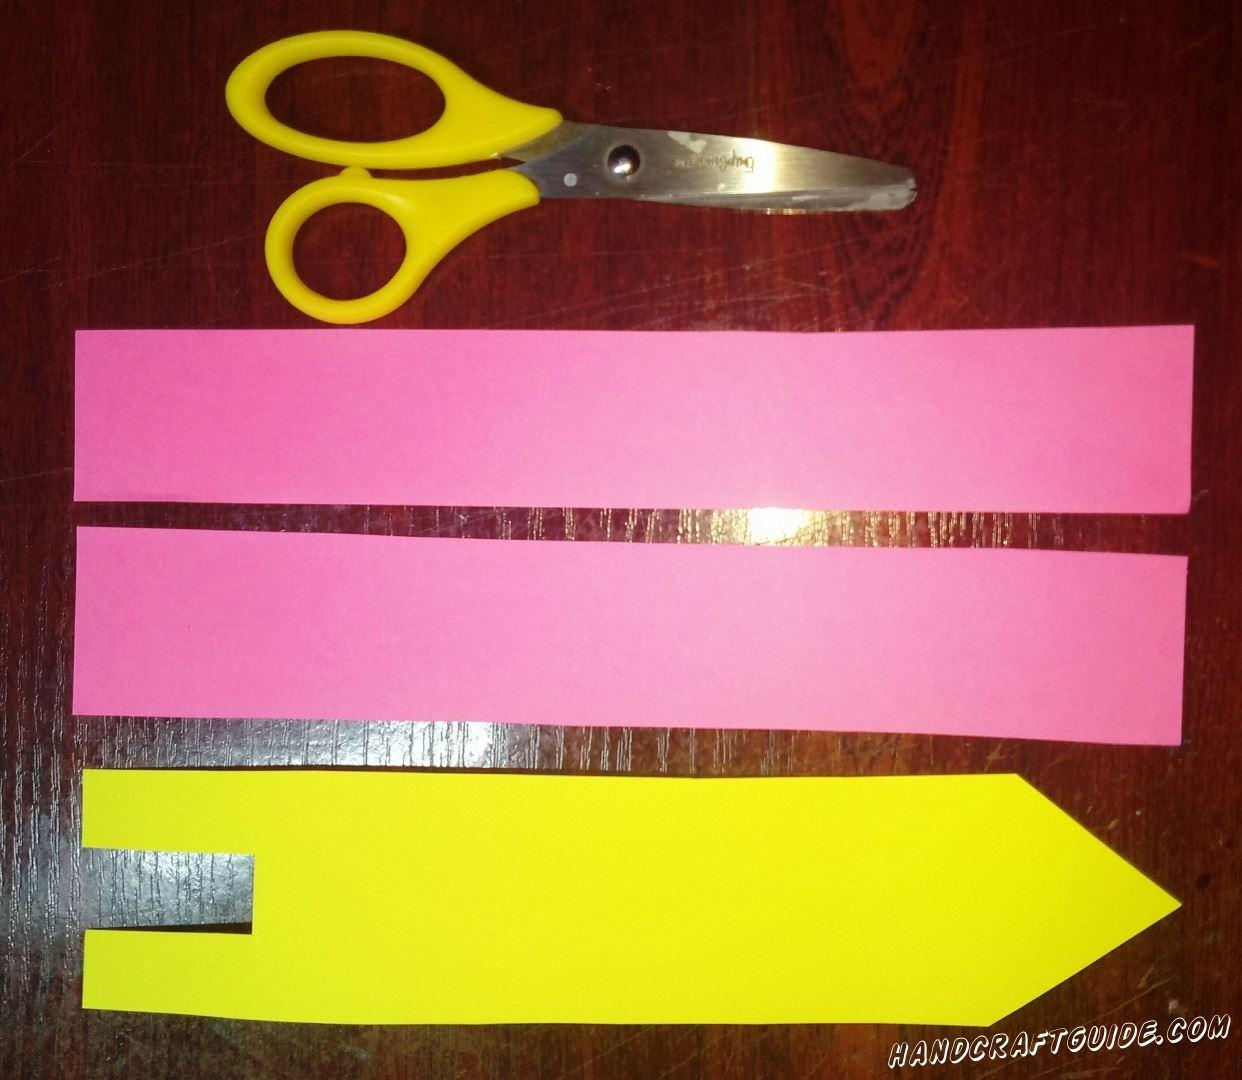 Для начала, вырежем две одинаковые большие полоски из бумаги розового цвета и полоску жёлтого цвета, на которой делаем острый угол на одном краю и прямоугольный вырез на другом конце, как показано на фото.